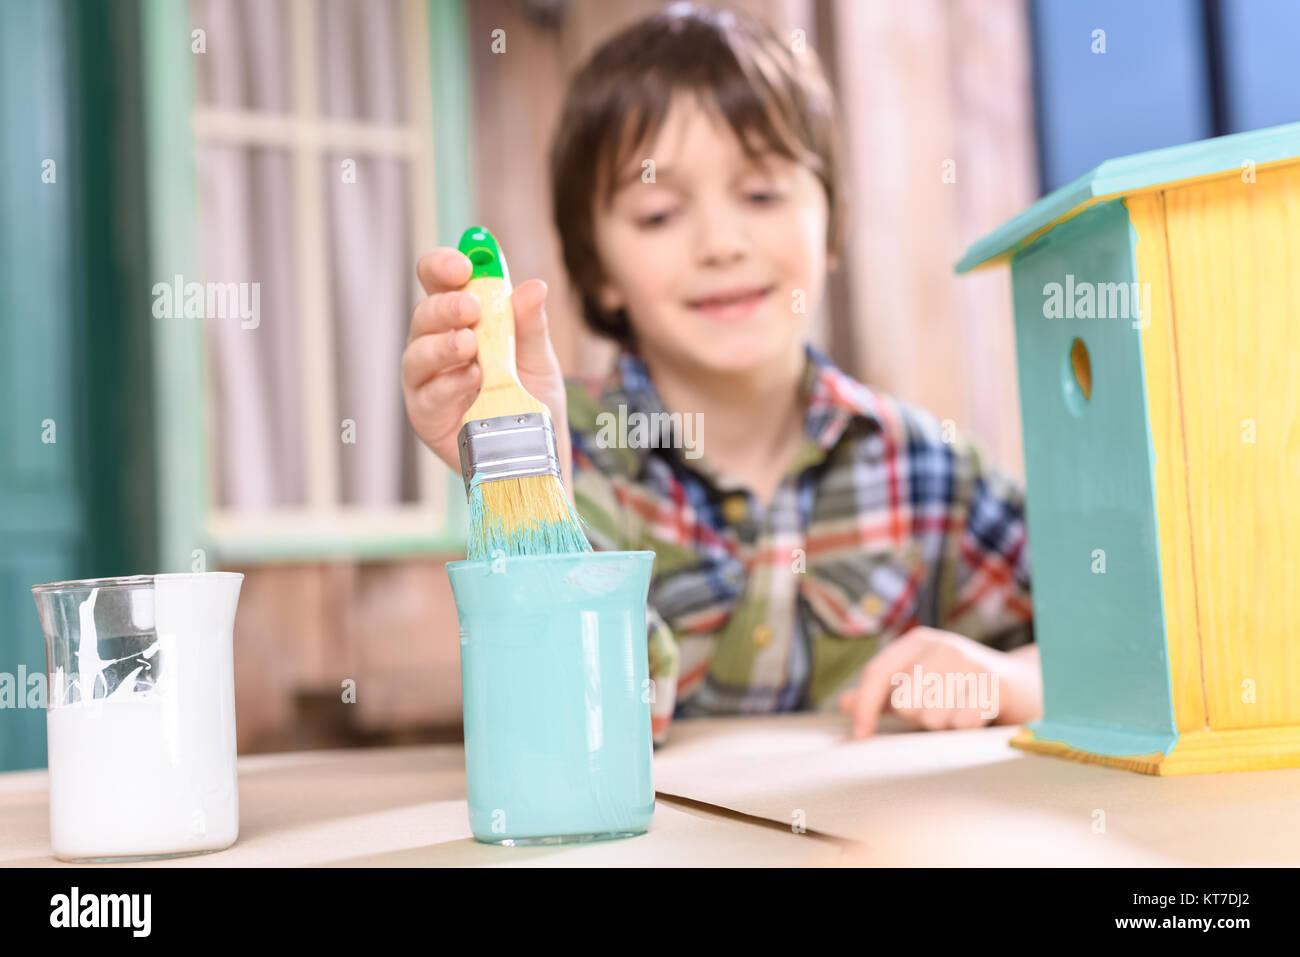 Cute smiling boy holding paintbrush while painting handmade birdhouse - Stock Image